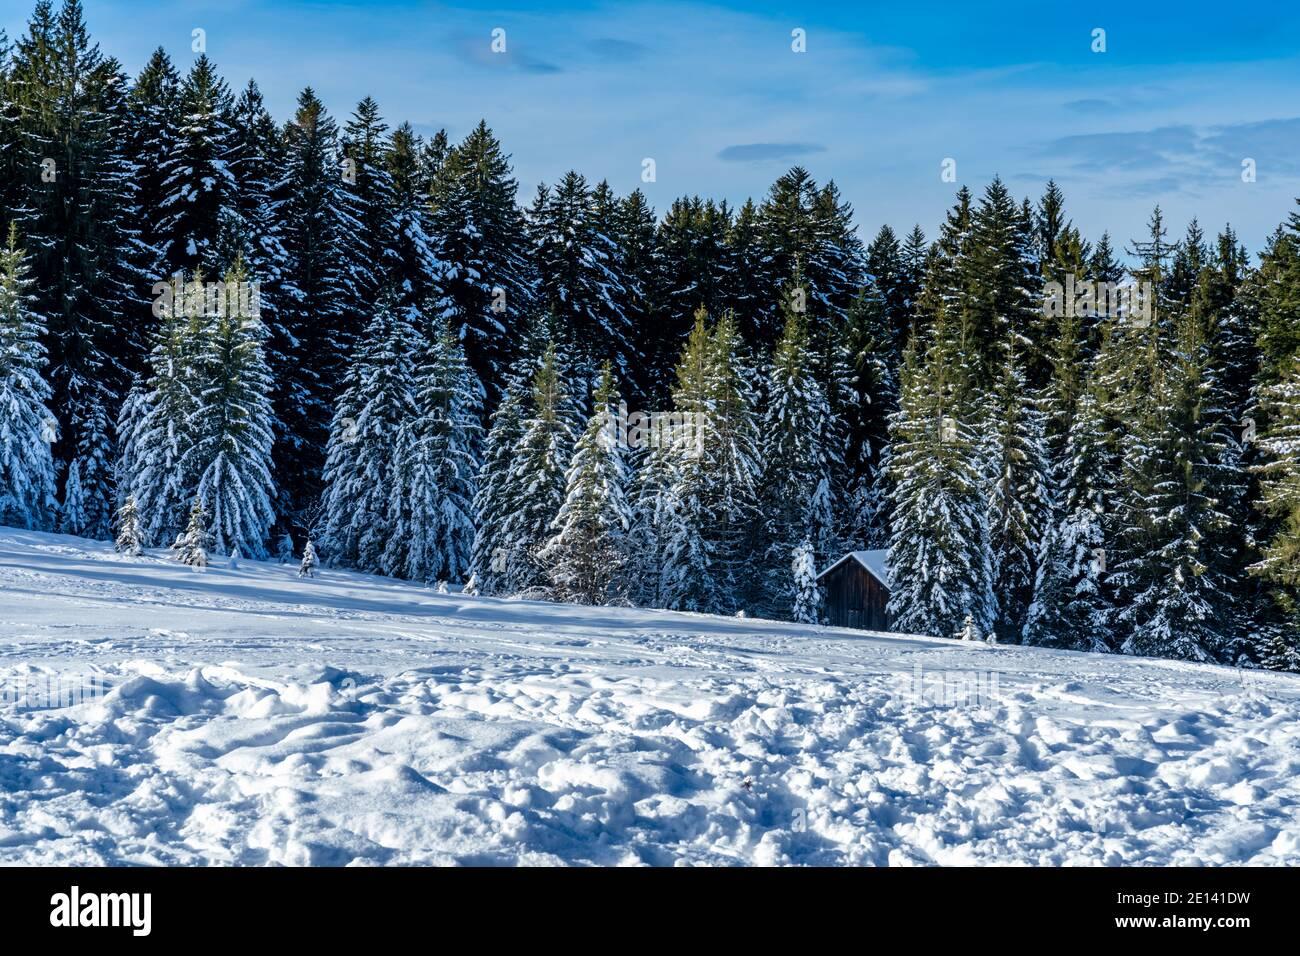 Frisch verschneite Landschaft mit Haus am Waldrand. snowy landscape with a holiday home at the edge of forest, a sunny day. winter wonderland Austria Stock Photo